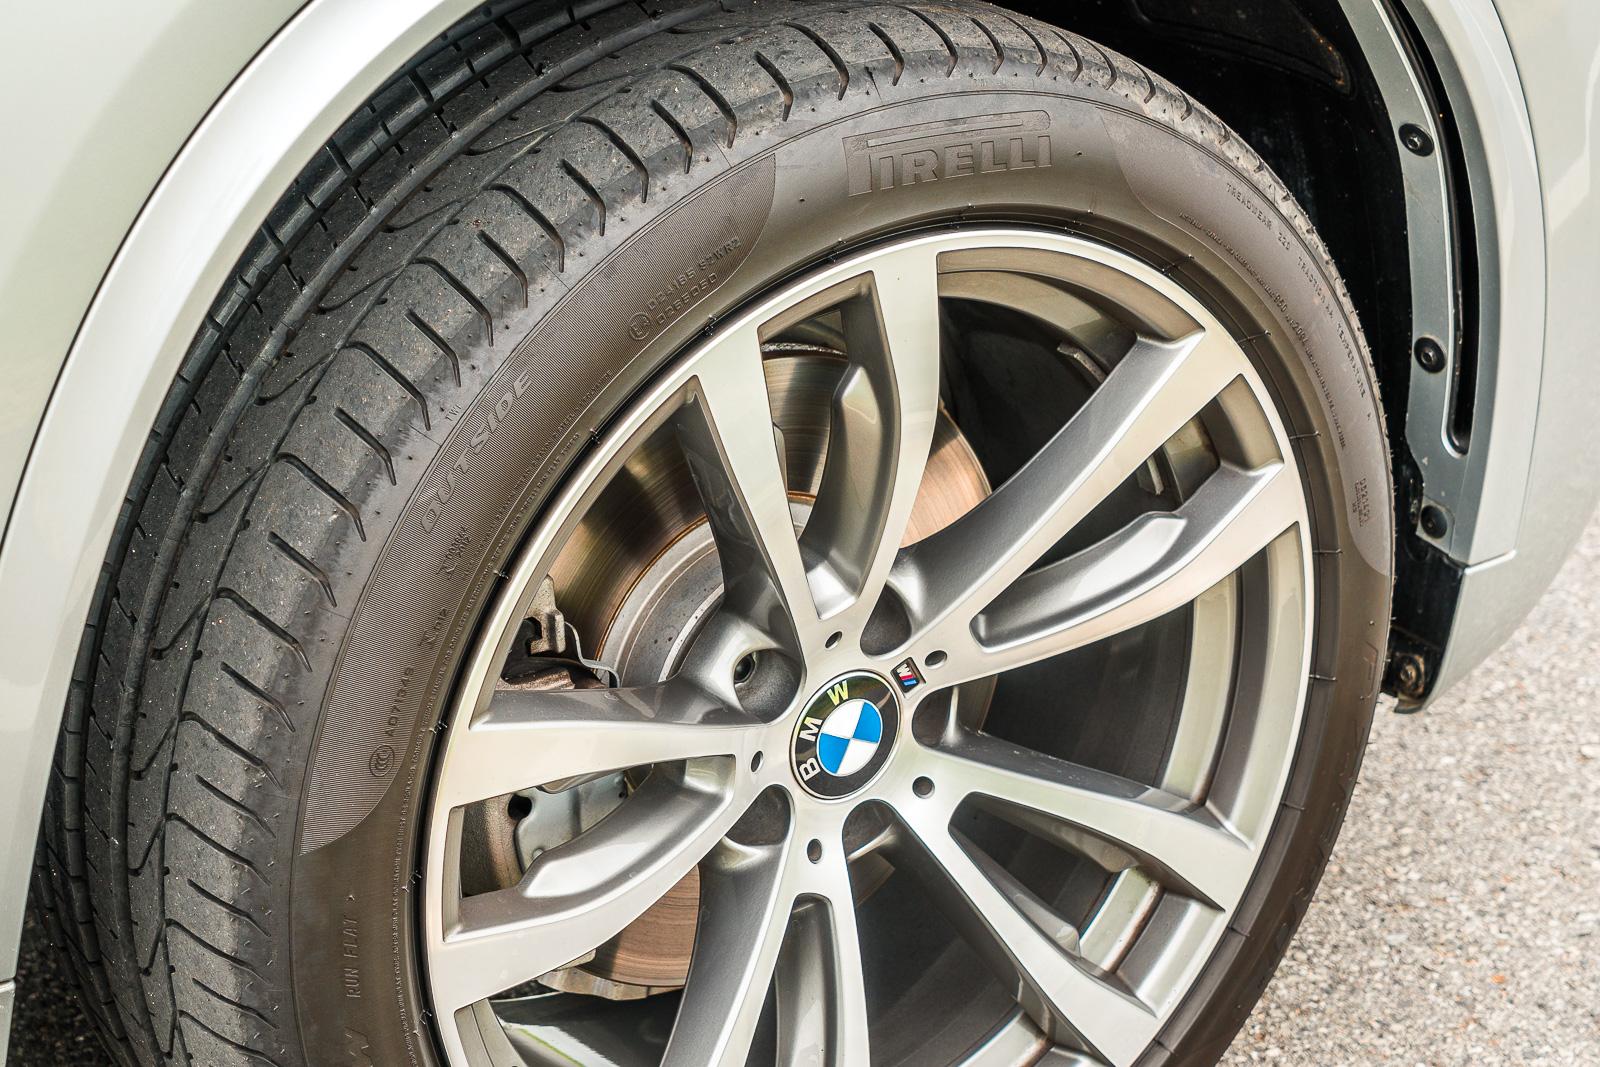 (ล้อ M Sport มาพร้อมกับยาง Pirelli Pzero RunFlat ขนาด275/40 R20 ในล้อหน้า และ 315/35 R20 ในล้อหลัง กว้างระดับเดียวกับ Supercar หลายๆรุ่นเลยทีเดียว )